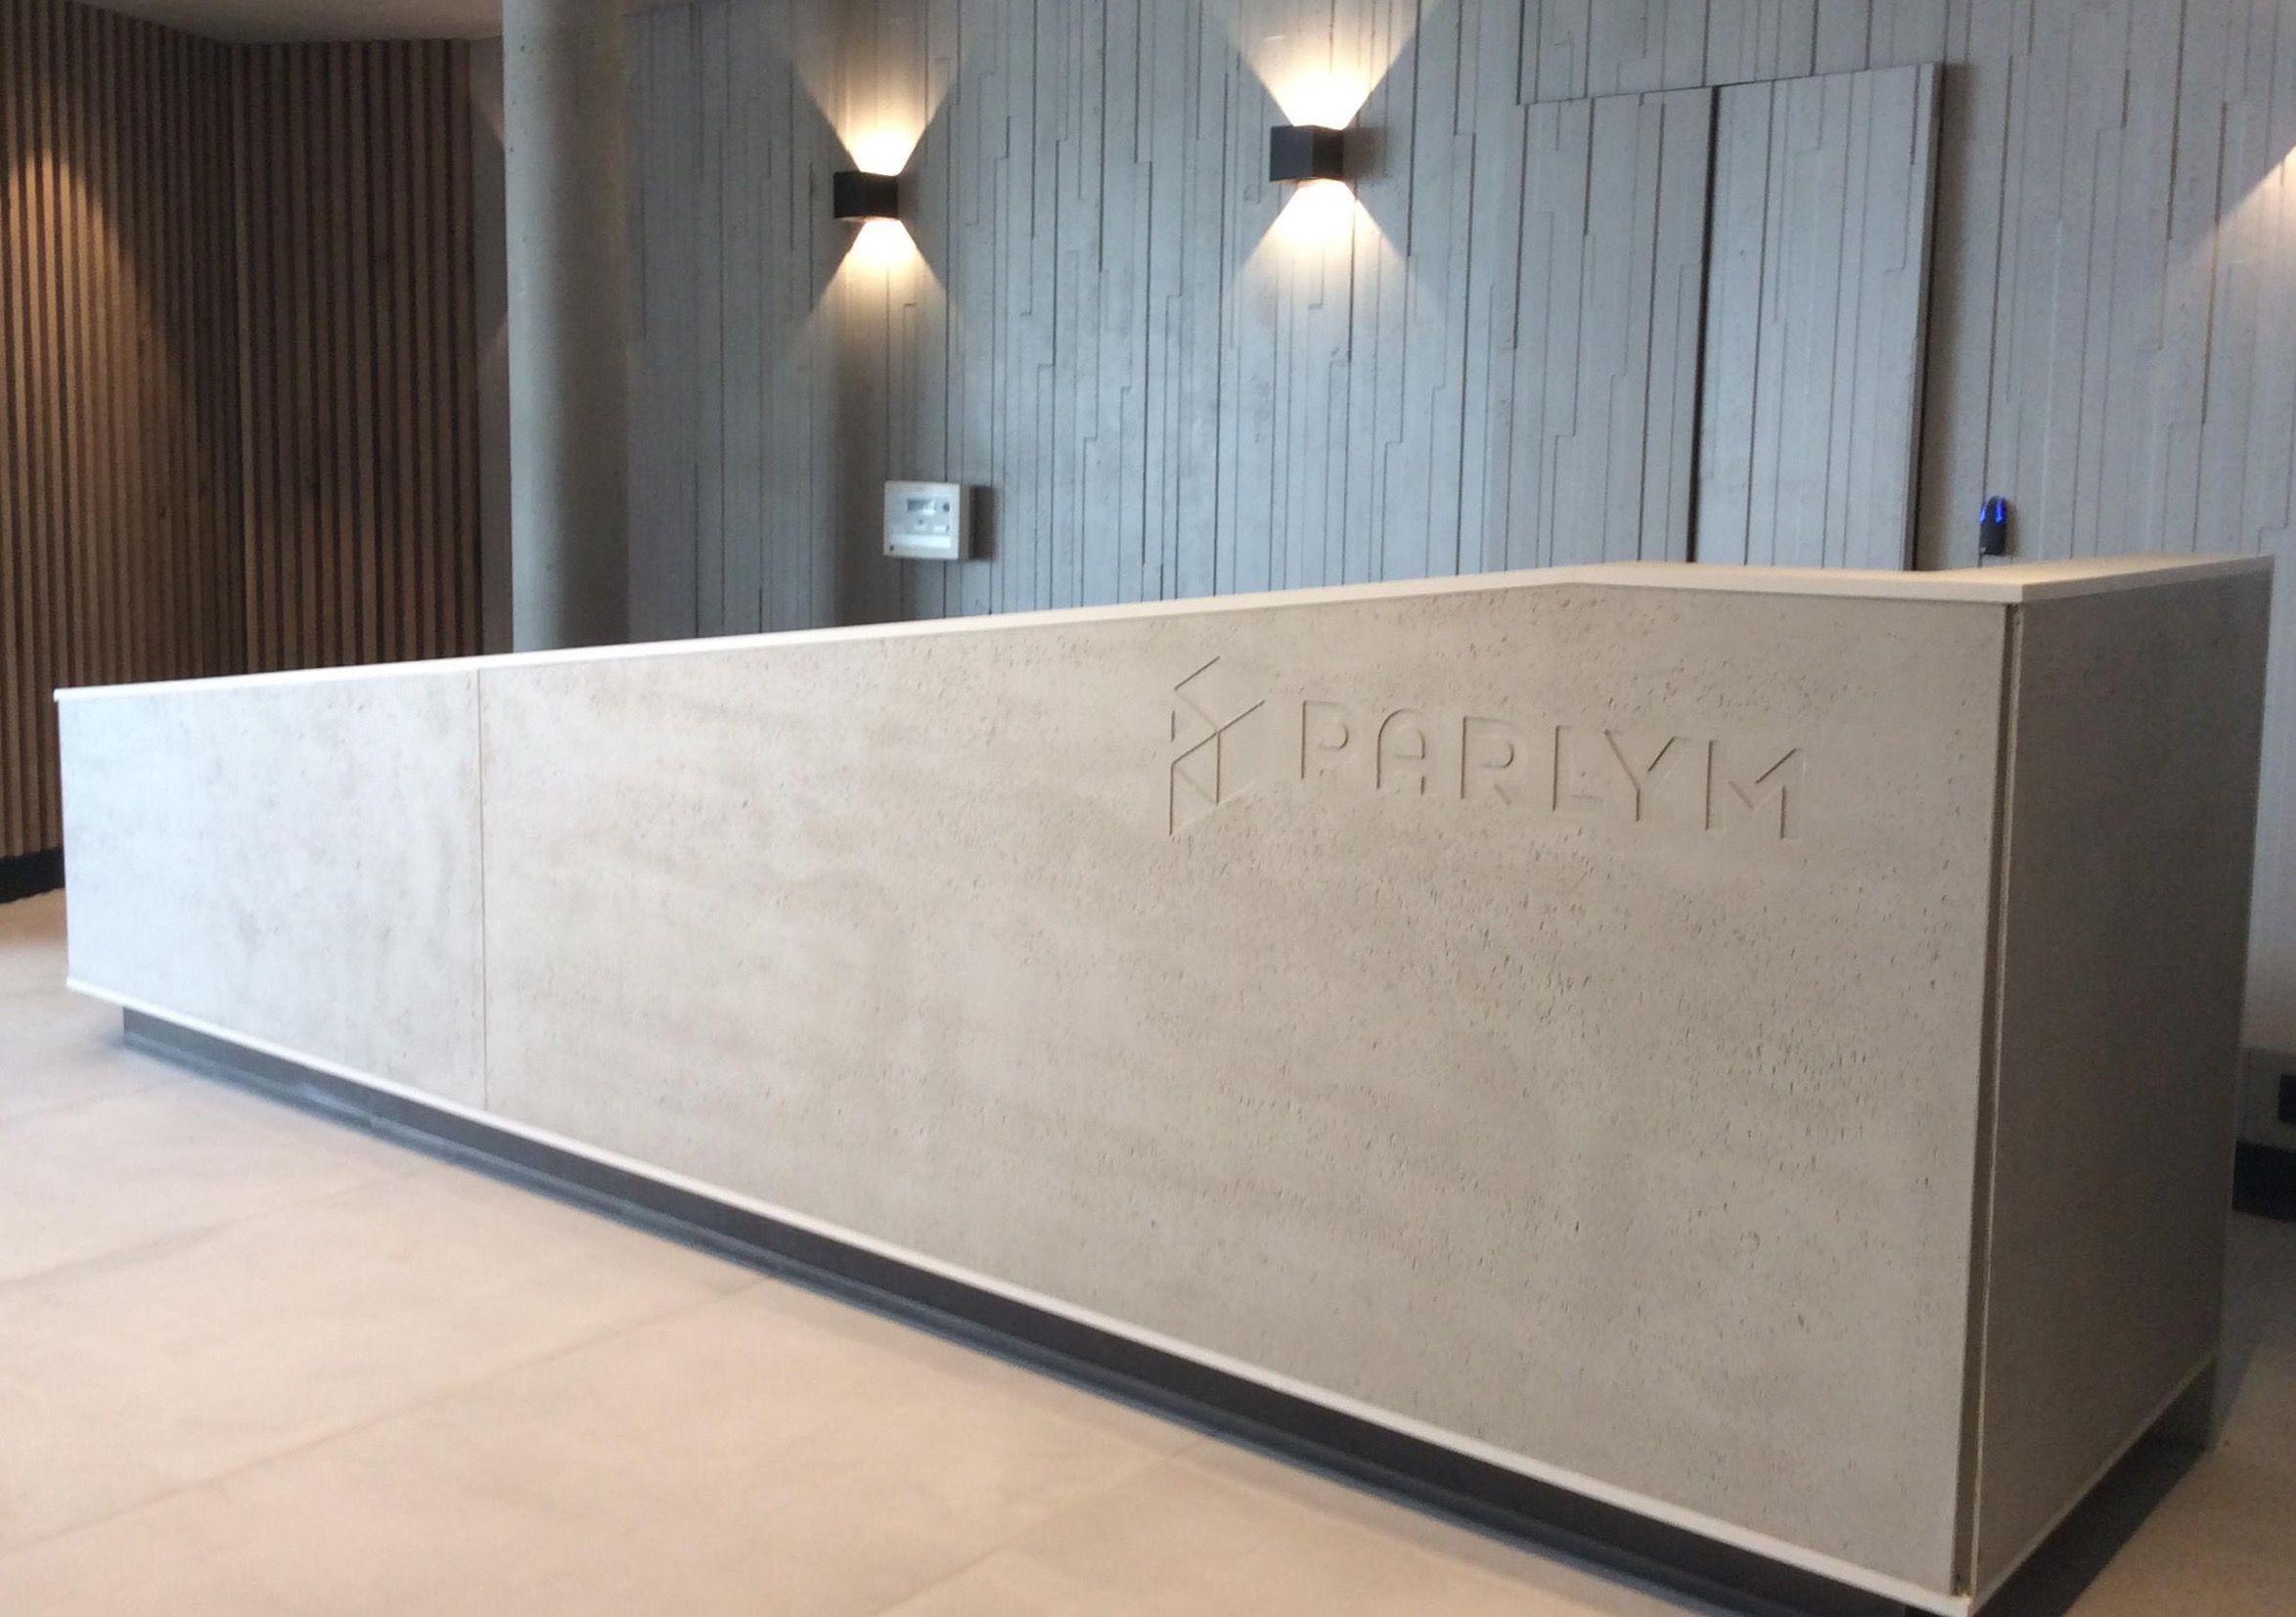 Banque D Accueil Sur Mesure Realisee En Panneaux De Panbeton Concrete Lcda Marseille Decoration Interieure Banque D Accueil Architecte